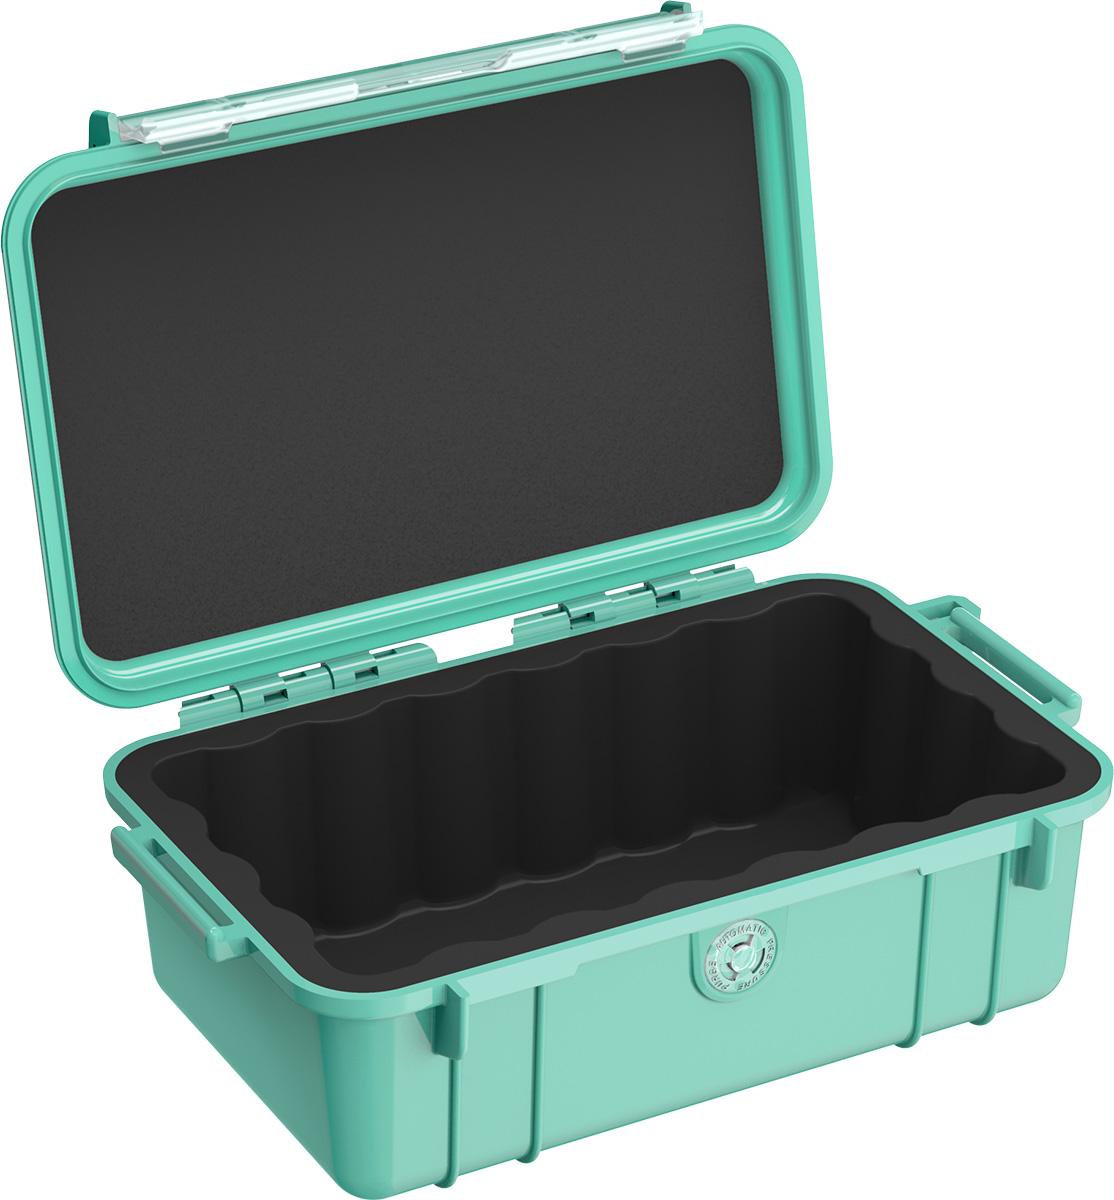 pelican 1050 seafoam phone case